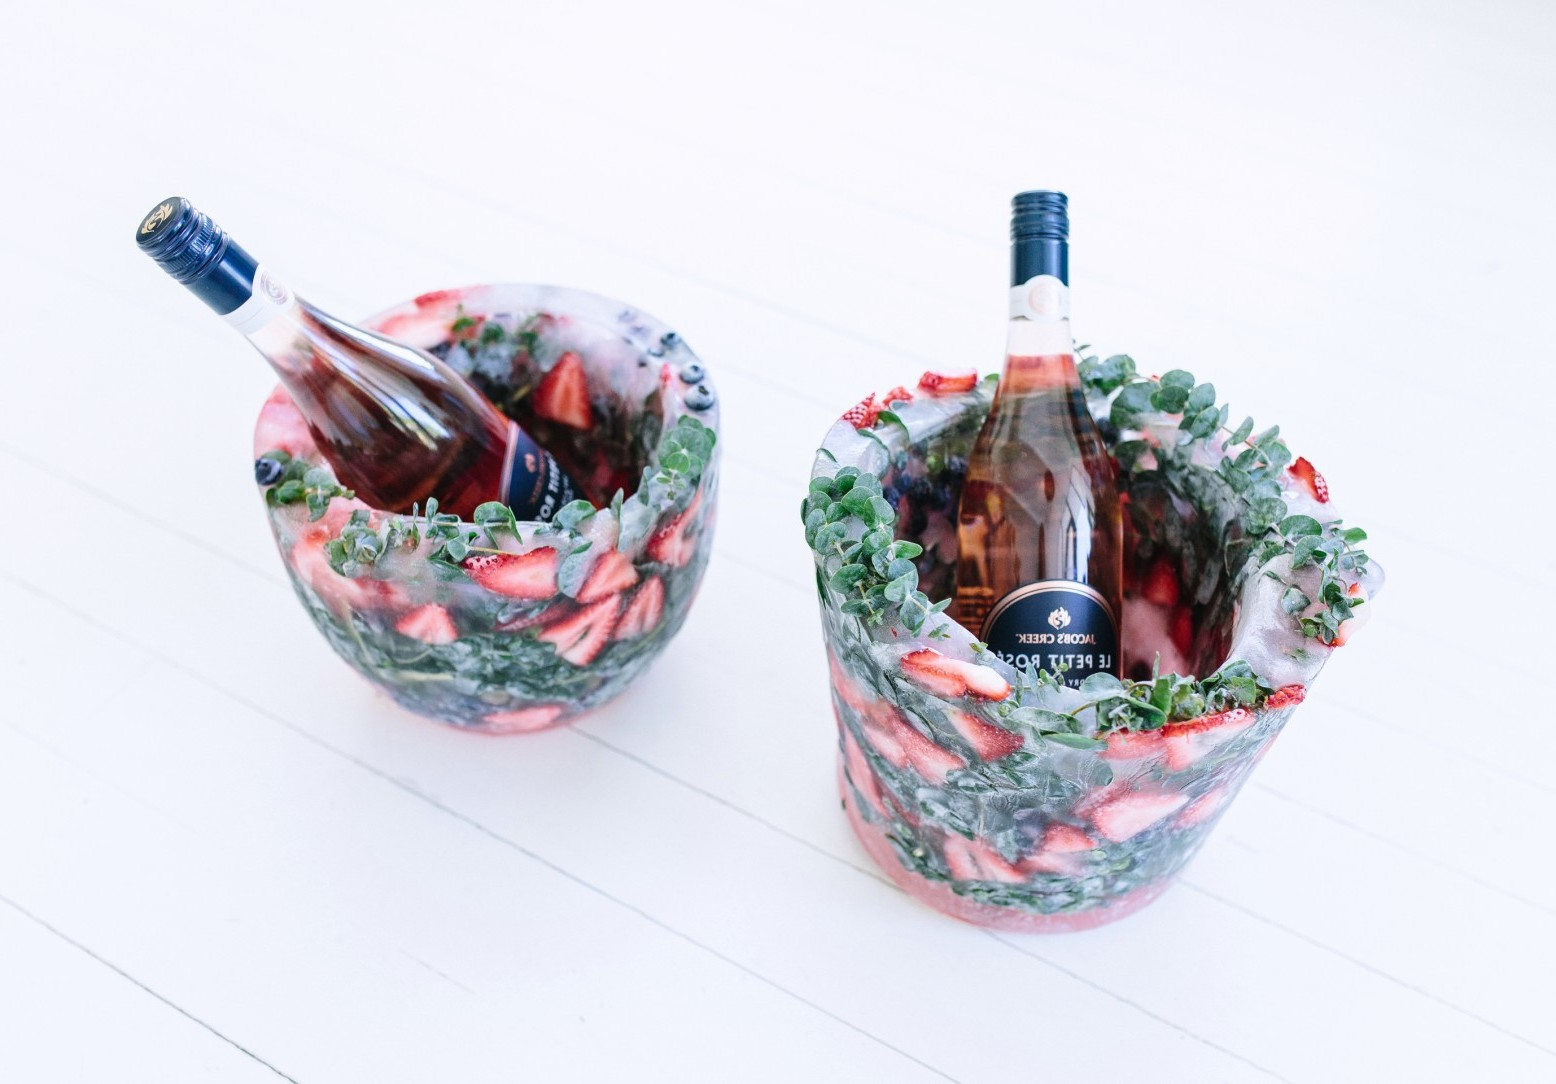 Tolle Ideen für den Sektempfang: Wie können Sie einen gefrorenen Sekthalter mit Beeren und Blumen und Eiswürfel selber machen